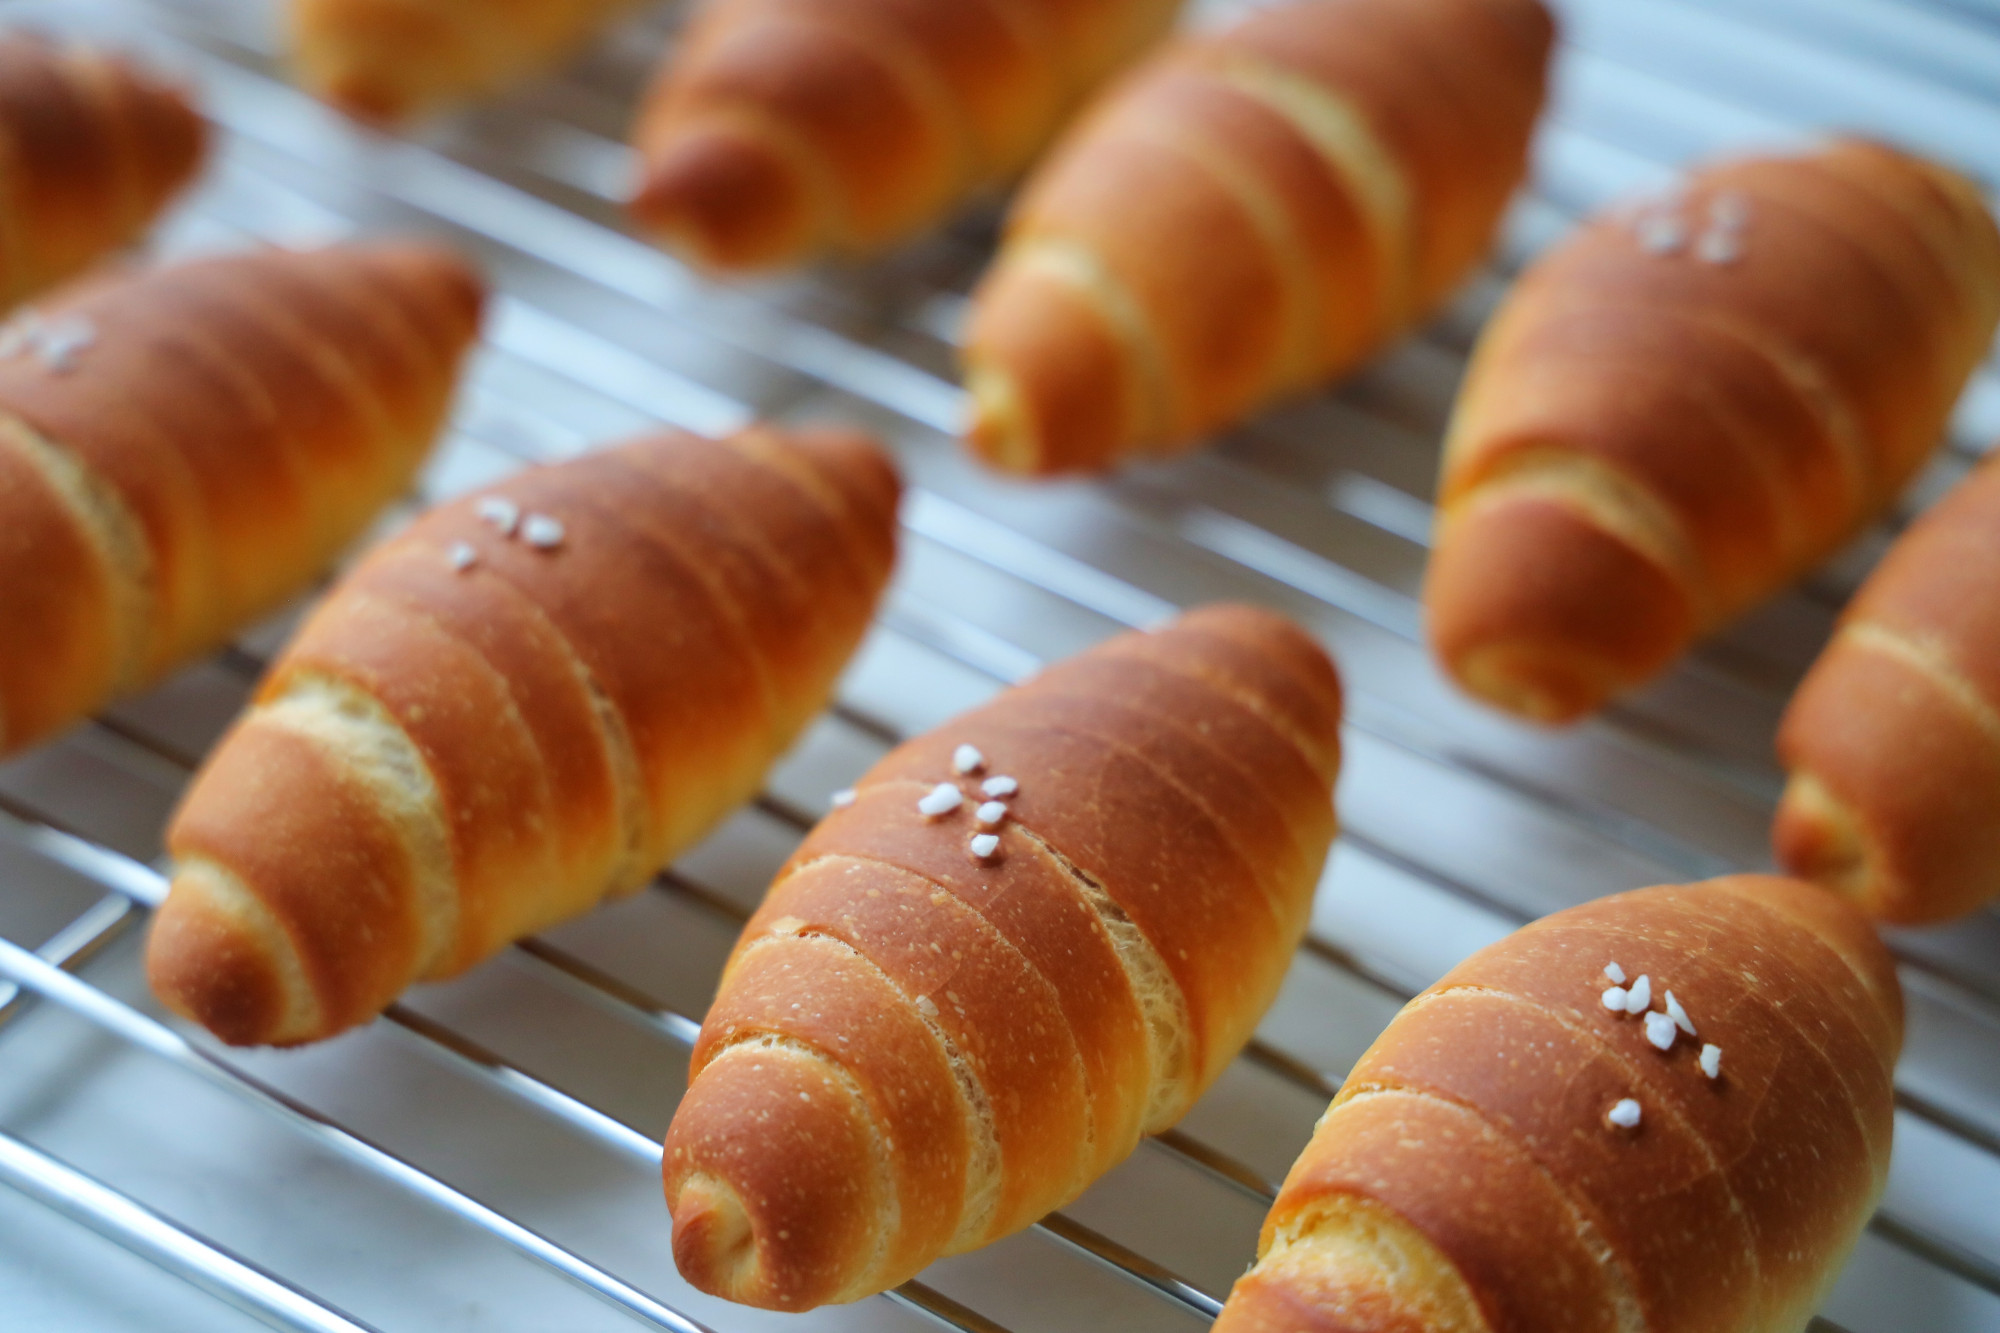 超愛的日式鹽麵包,做法不難,新手也能成功,又軟又酥脆,太愛了